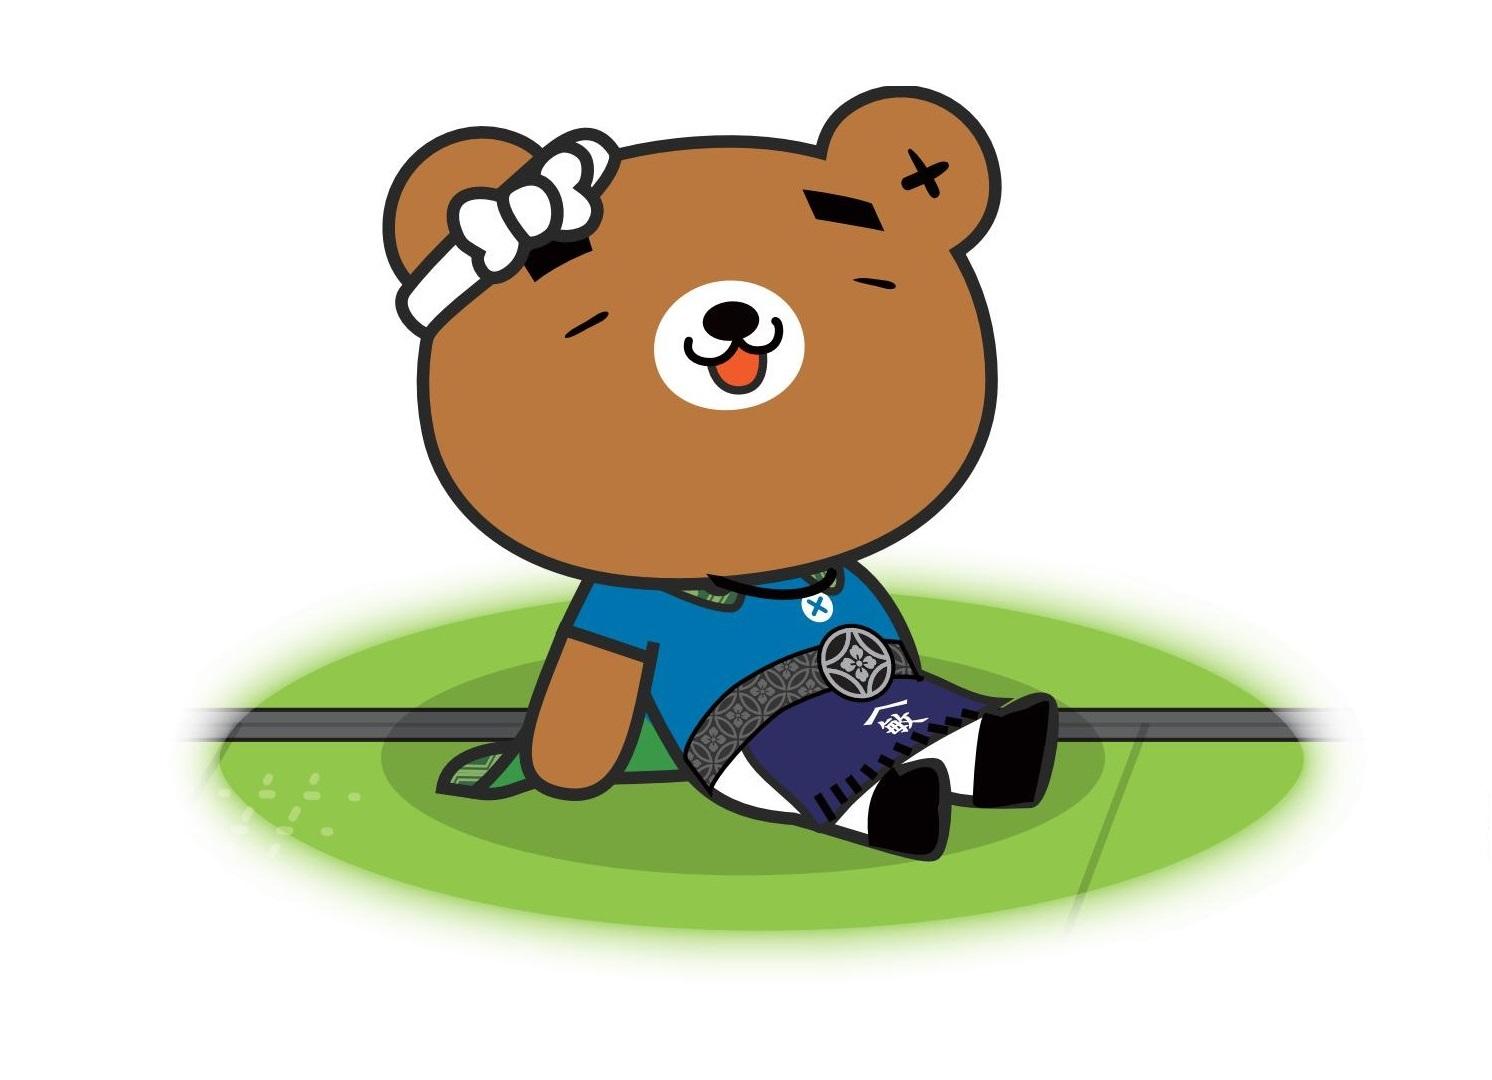 オリジナルキャラクター制作奮闘記④「ポージング」